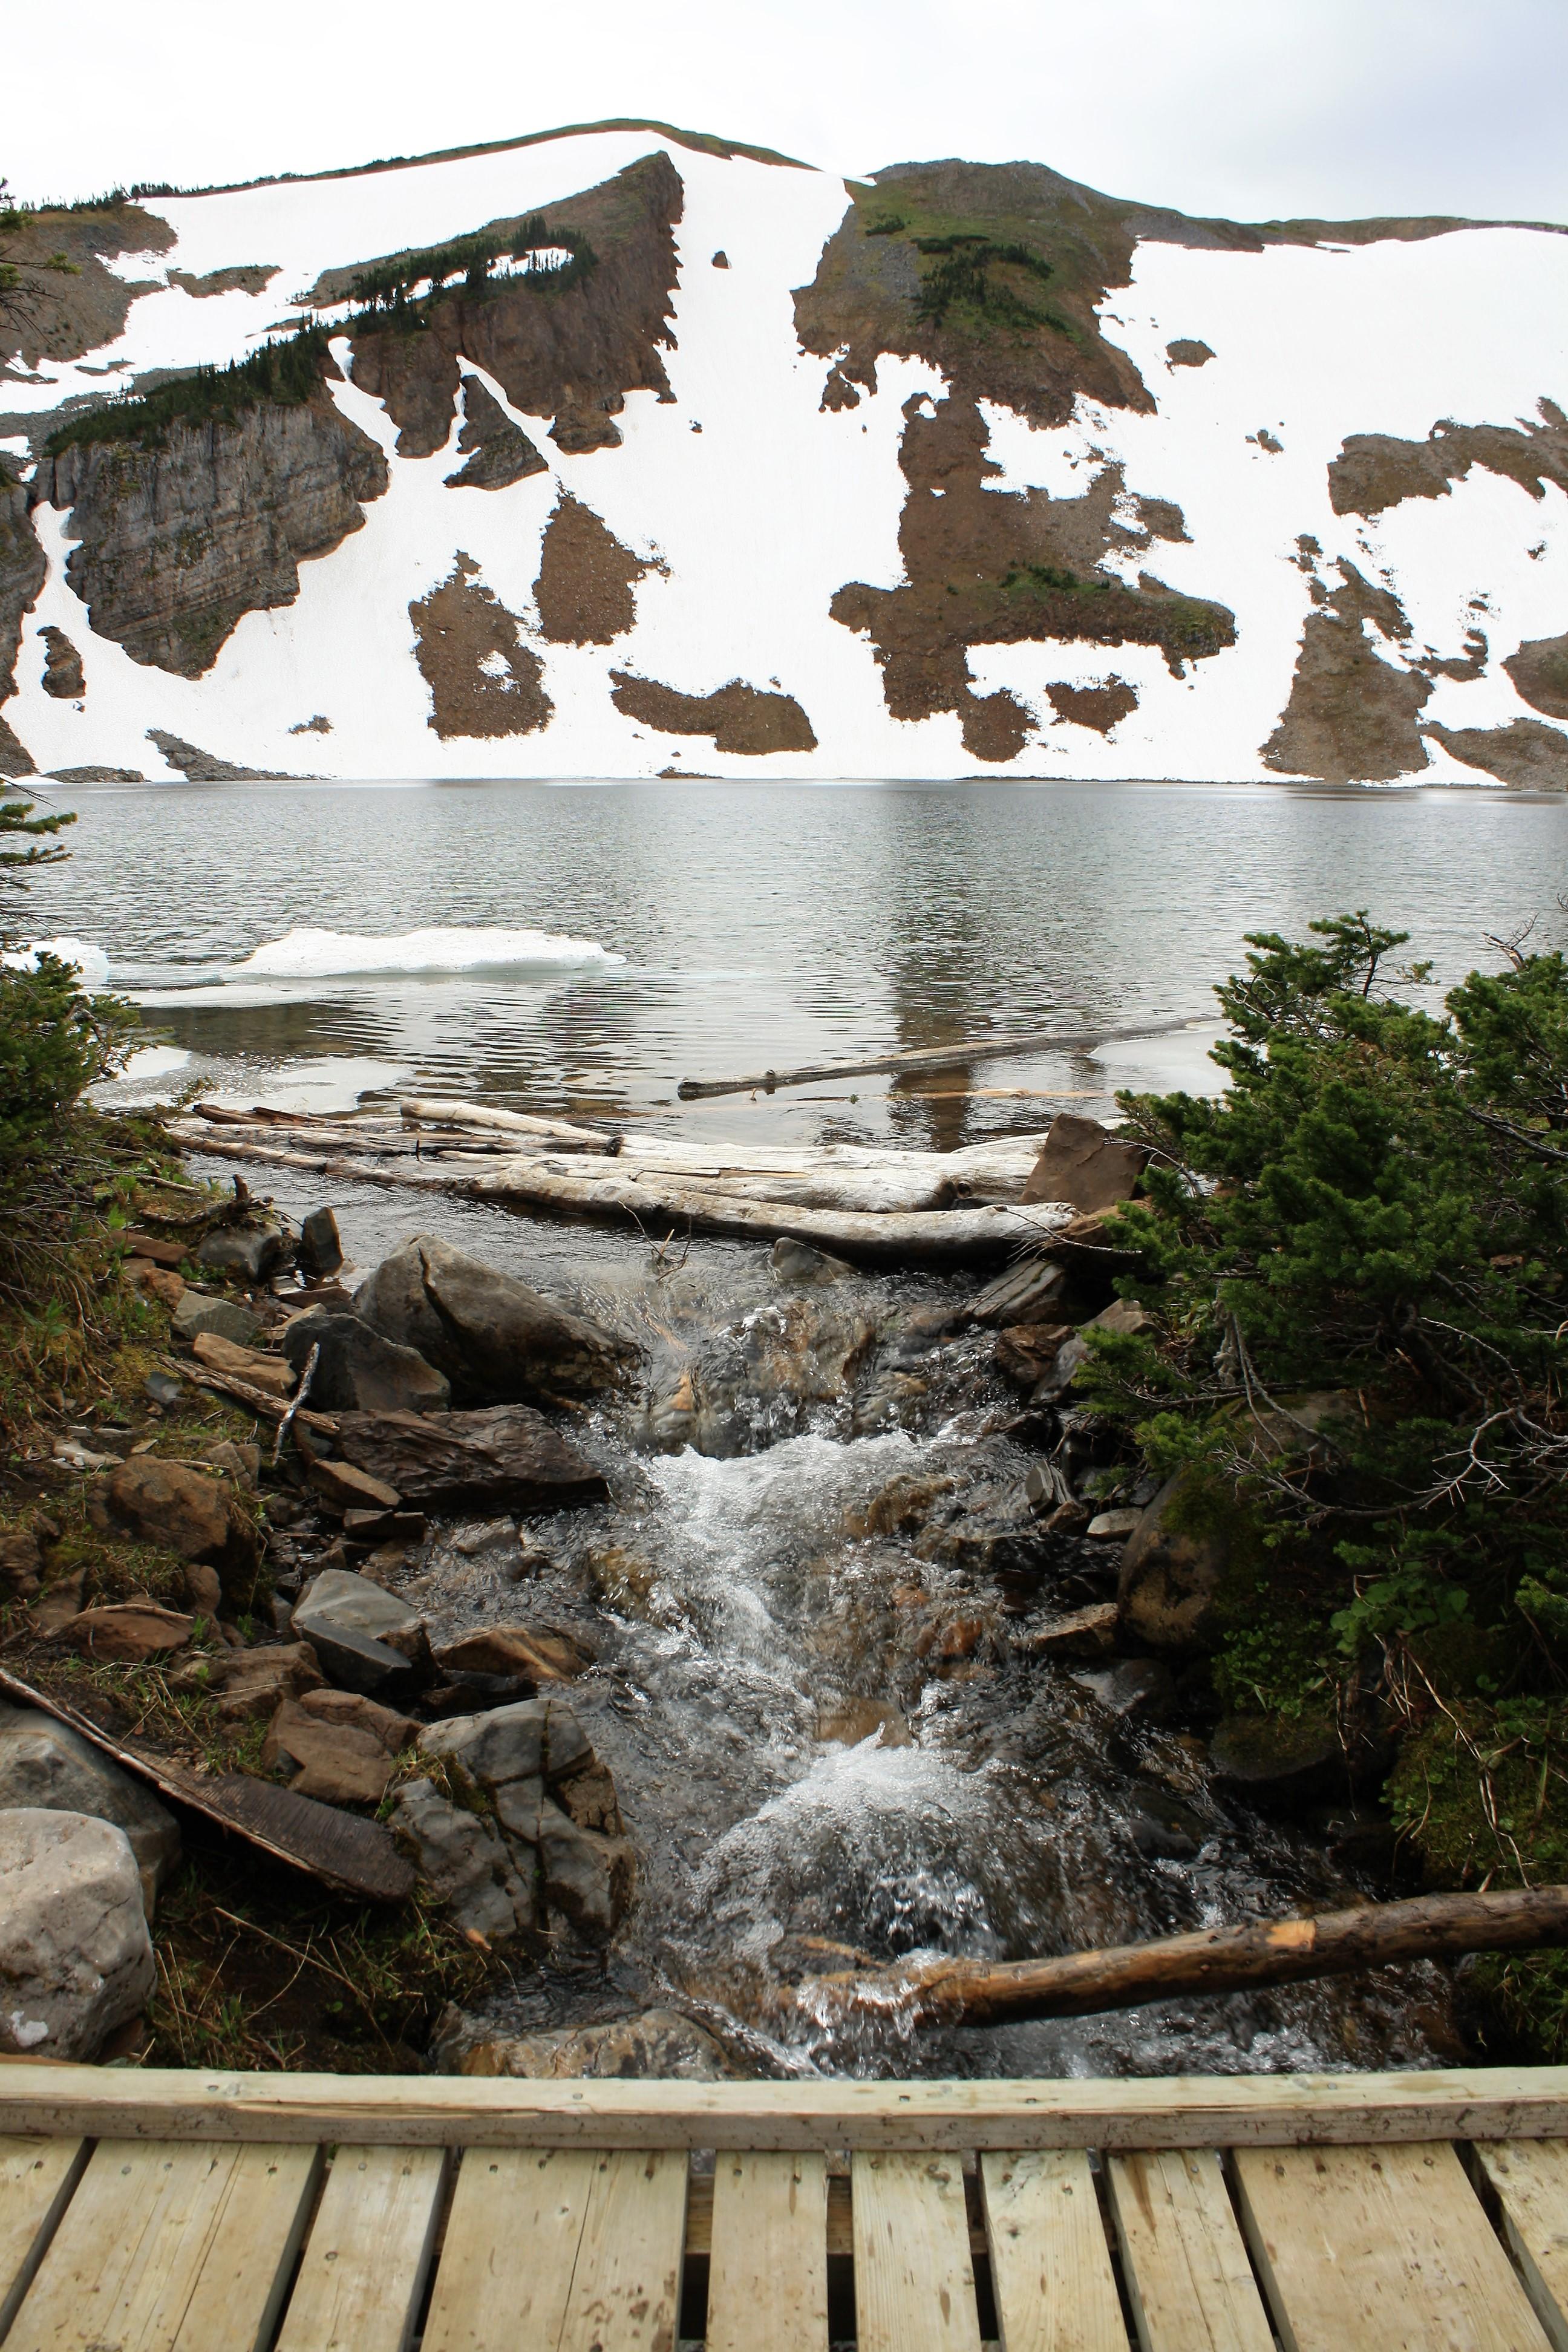 DM_nature_landscape_hiking_524